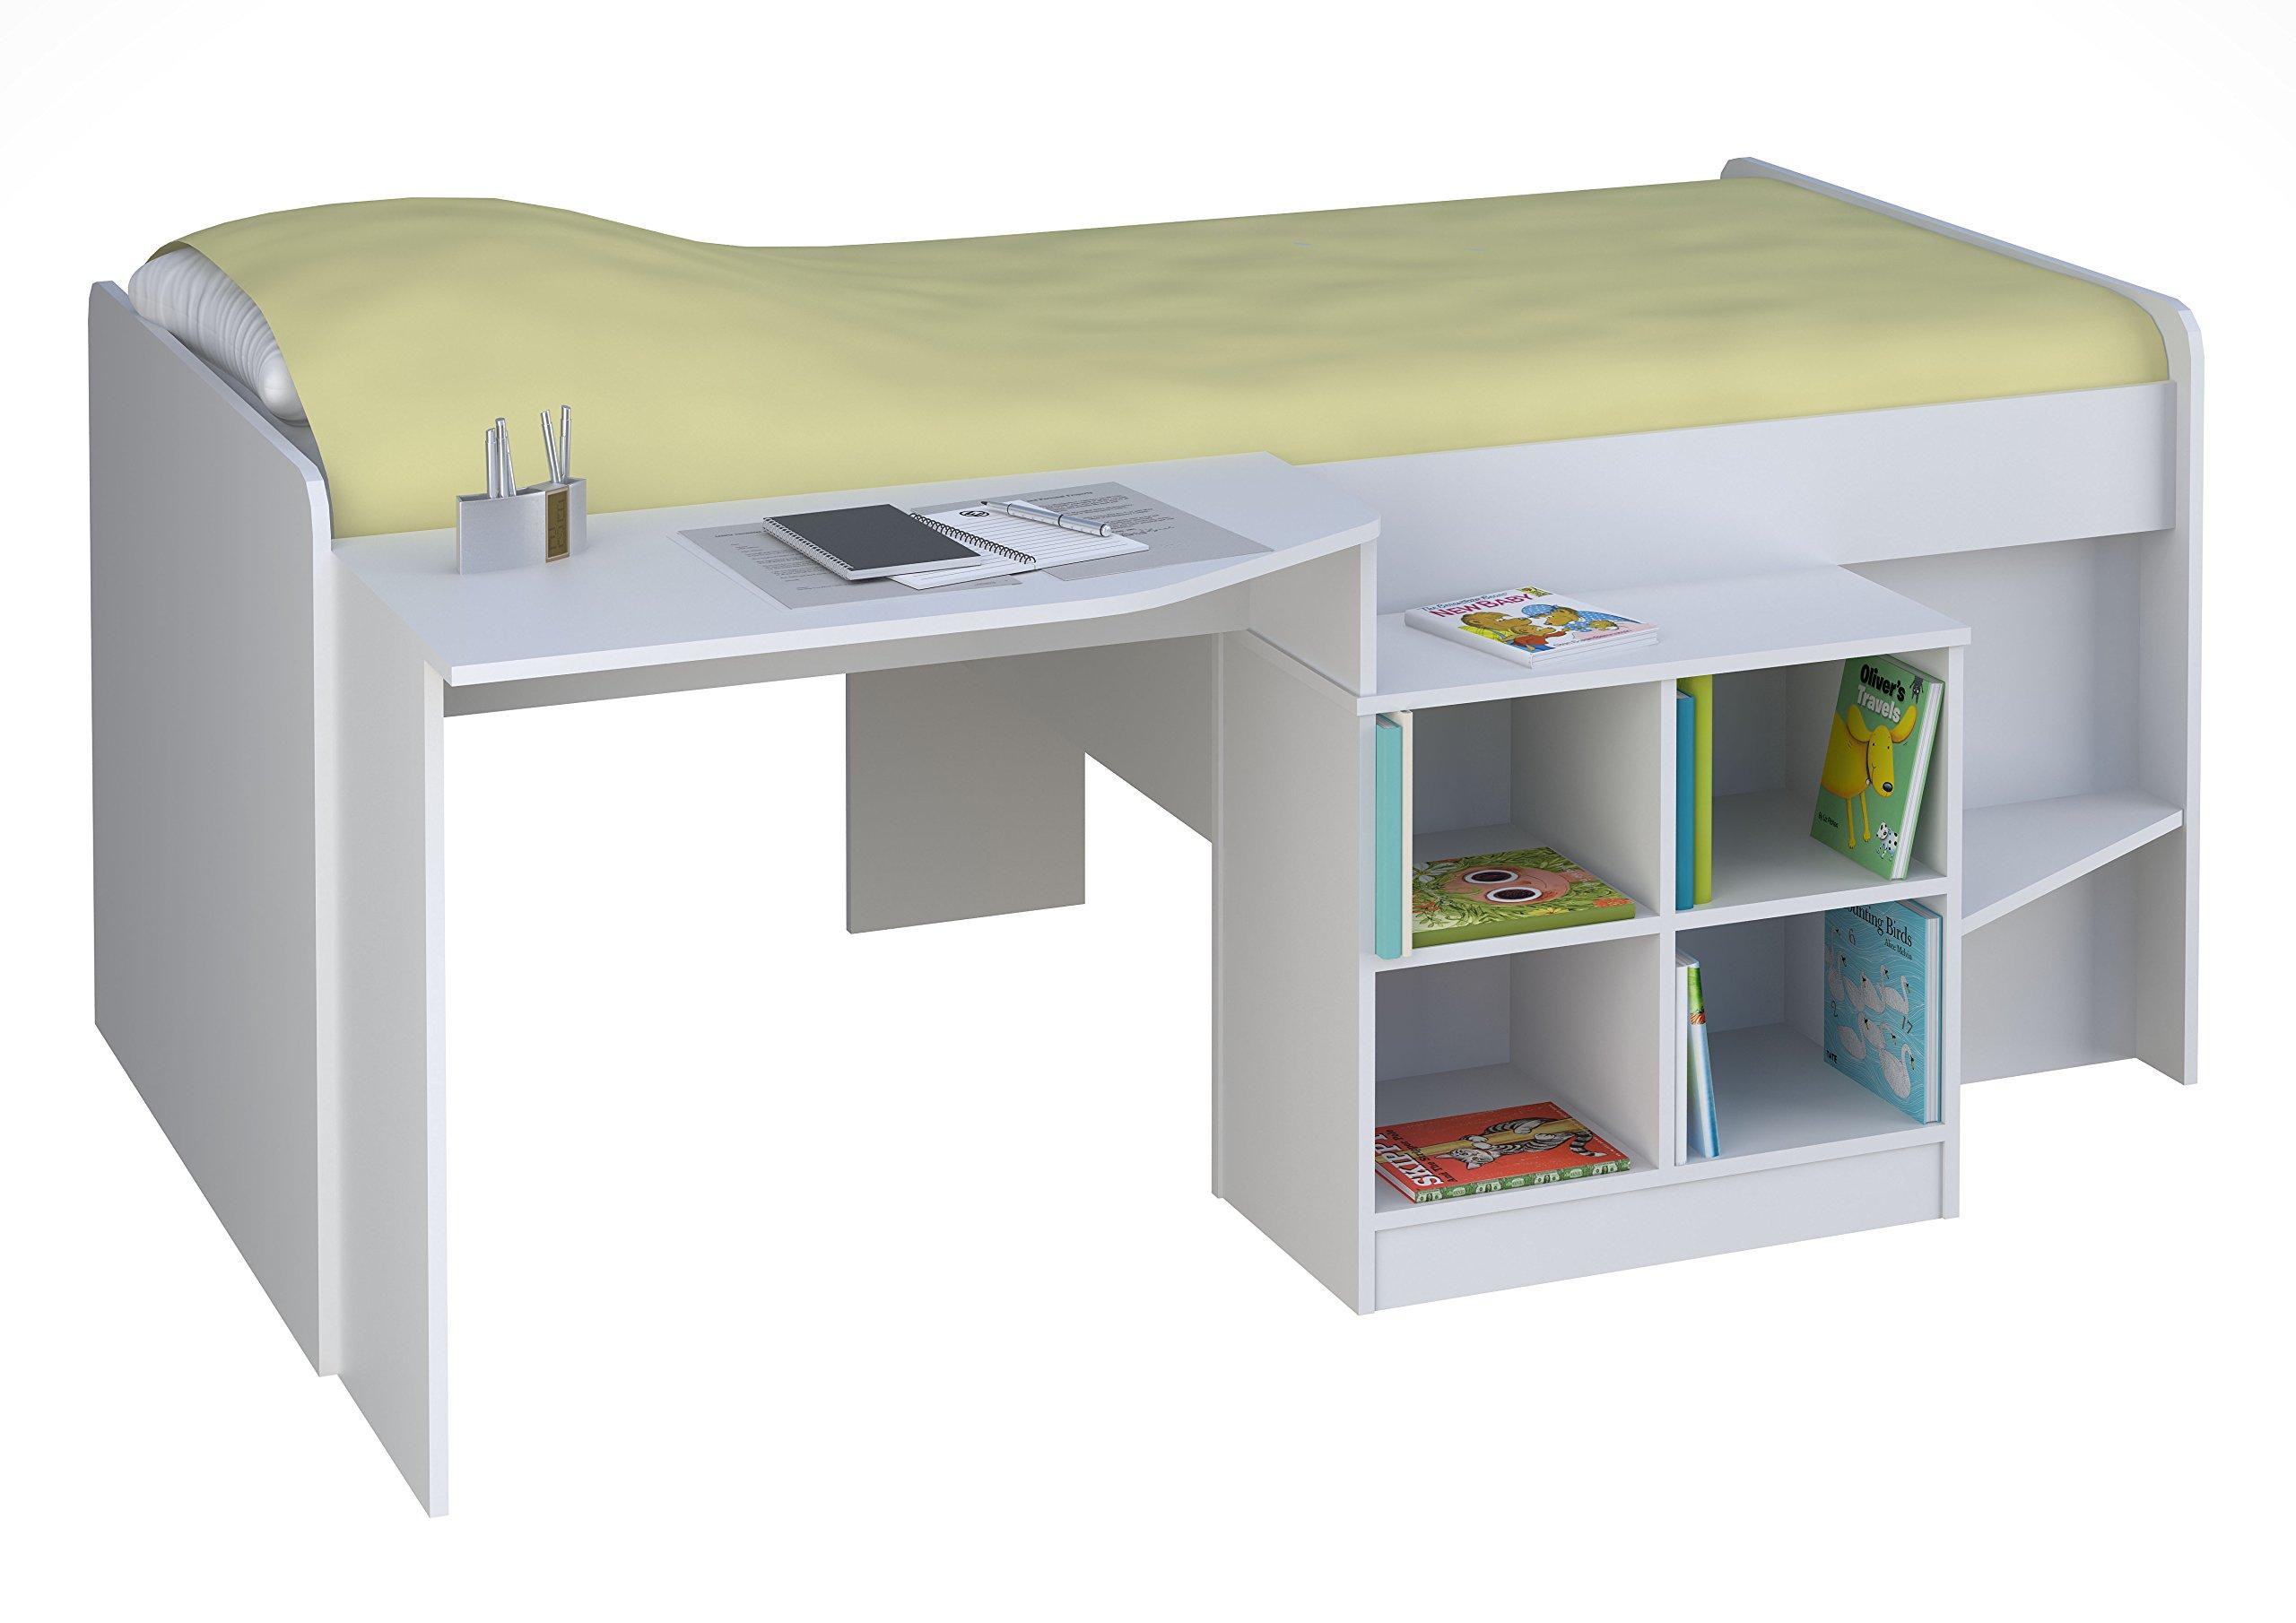 Polini kids letto per bambini letto a soppalco con scrivania e porta bianco 1574 9 - Letto soppalco con scrivania ...